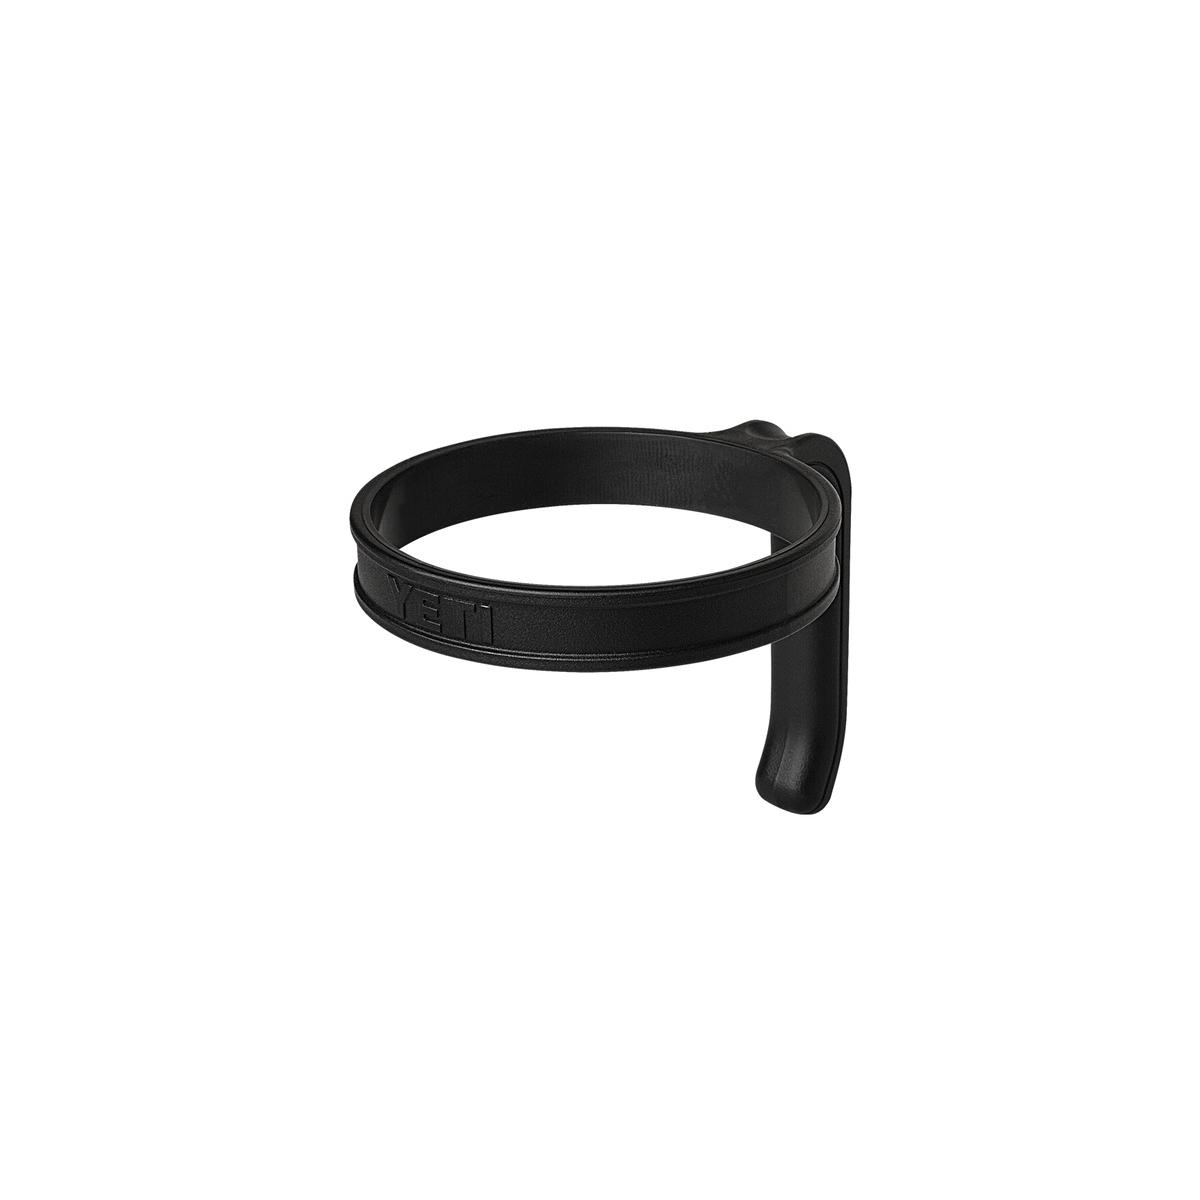 Picture of YETI Rambler 21070230001 Tumbler Handle, Polypropylene, Black, For: Rambler 30 oz Tumbler